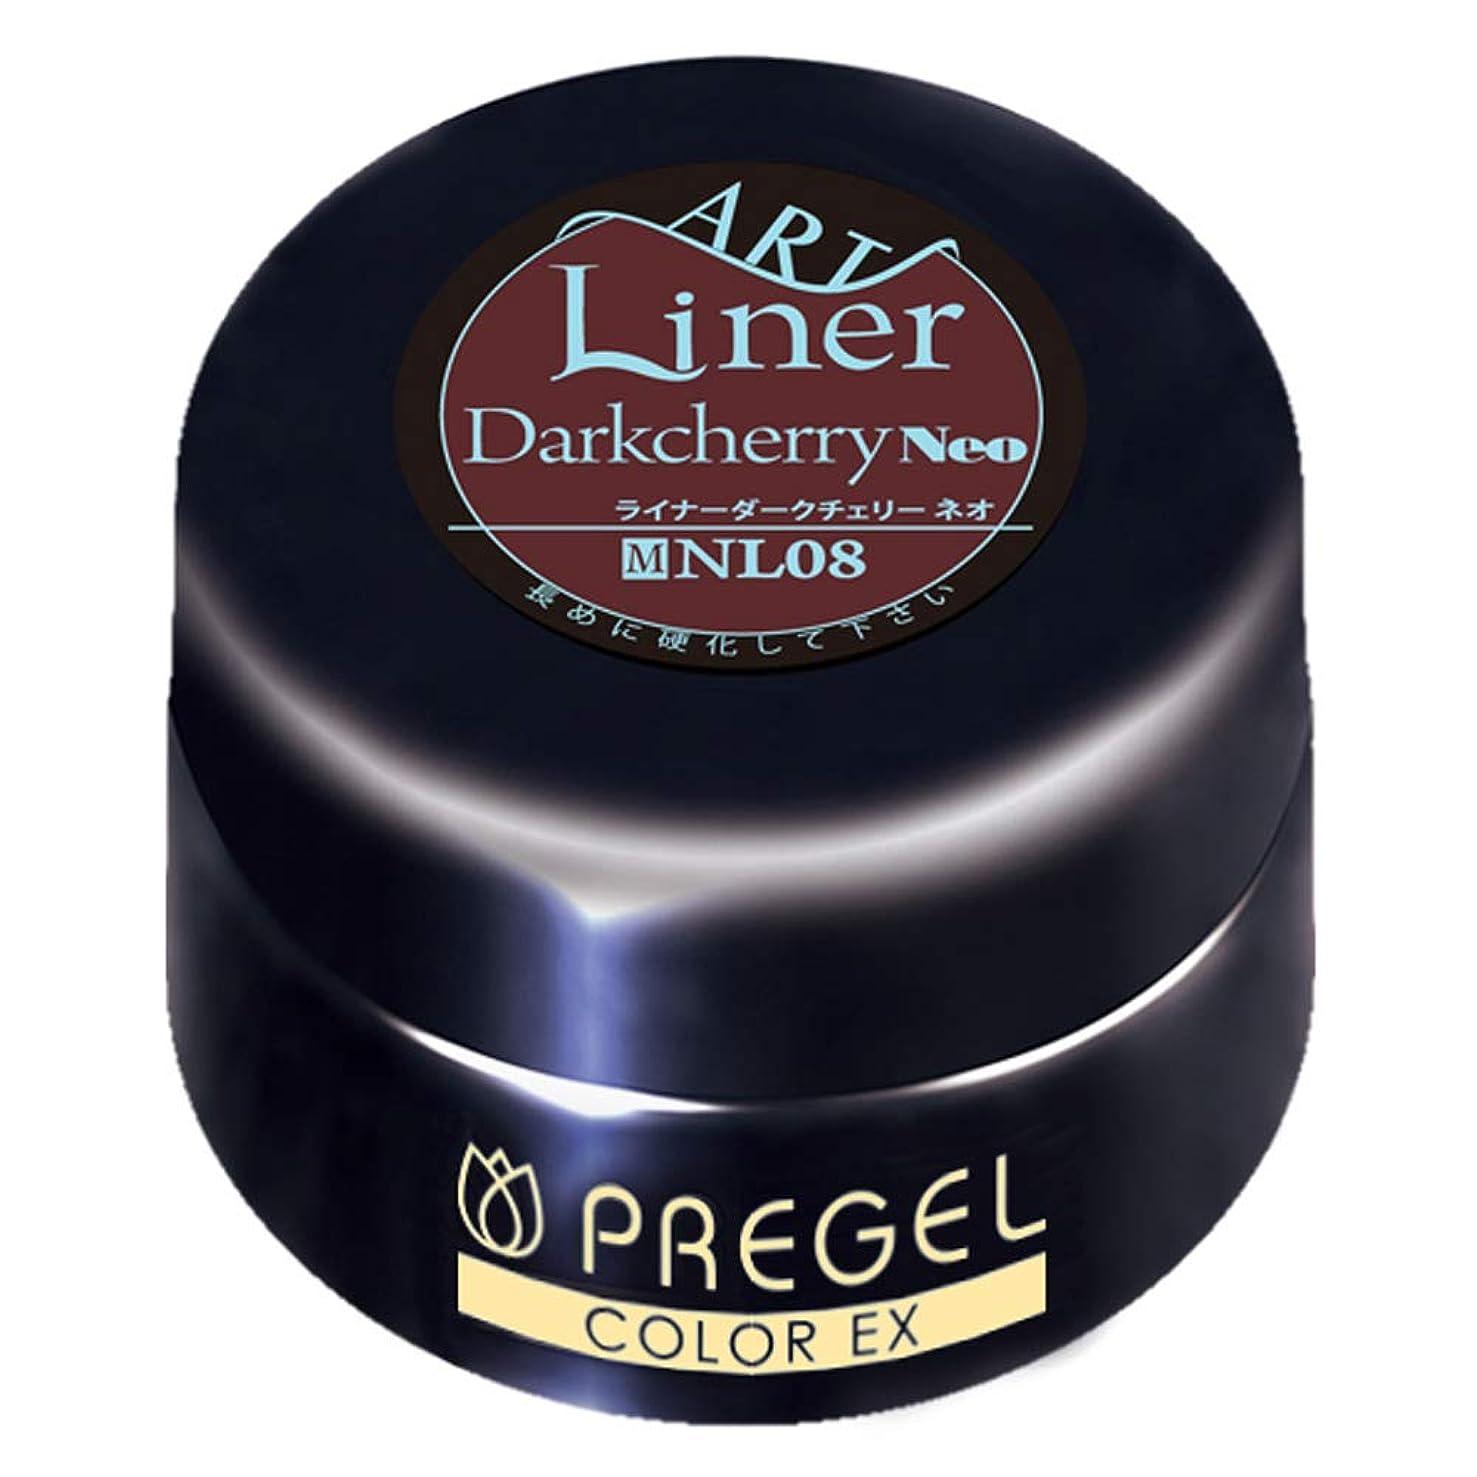 め言葉日記調査PRE GEL カラージェル カラーEX ライナーダークチェリーneo08 4g PG-CENL08 UV/LED対応